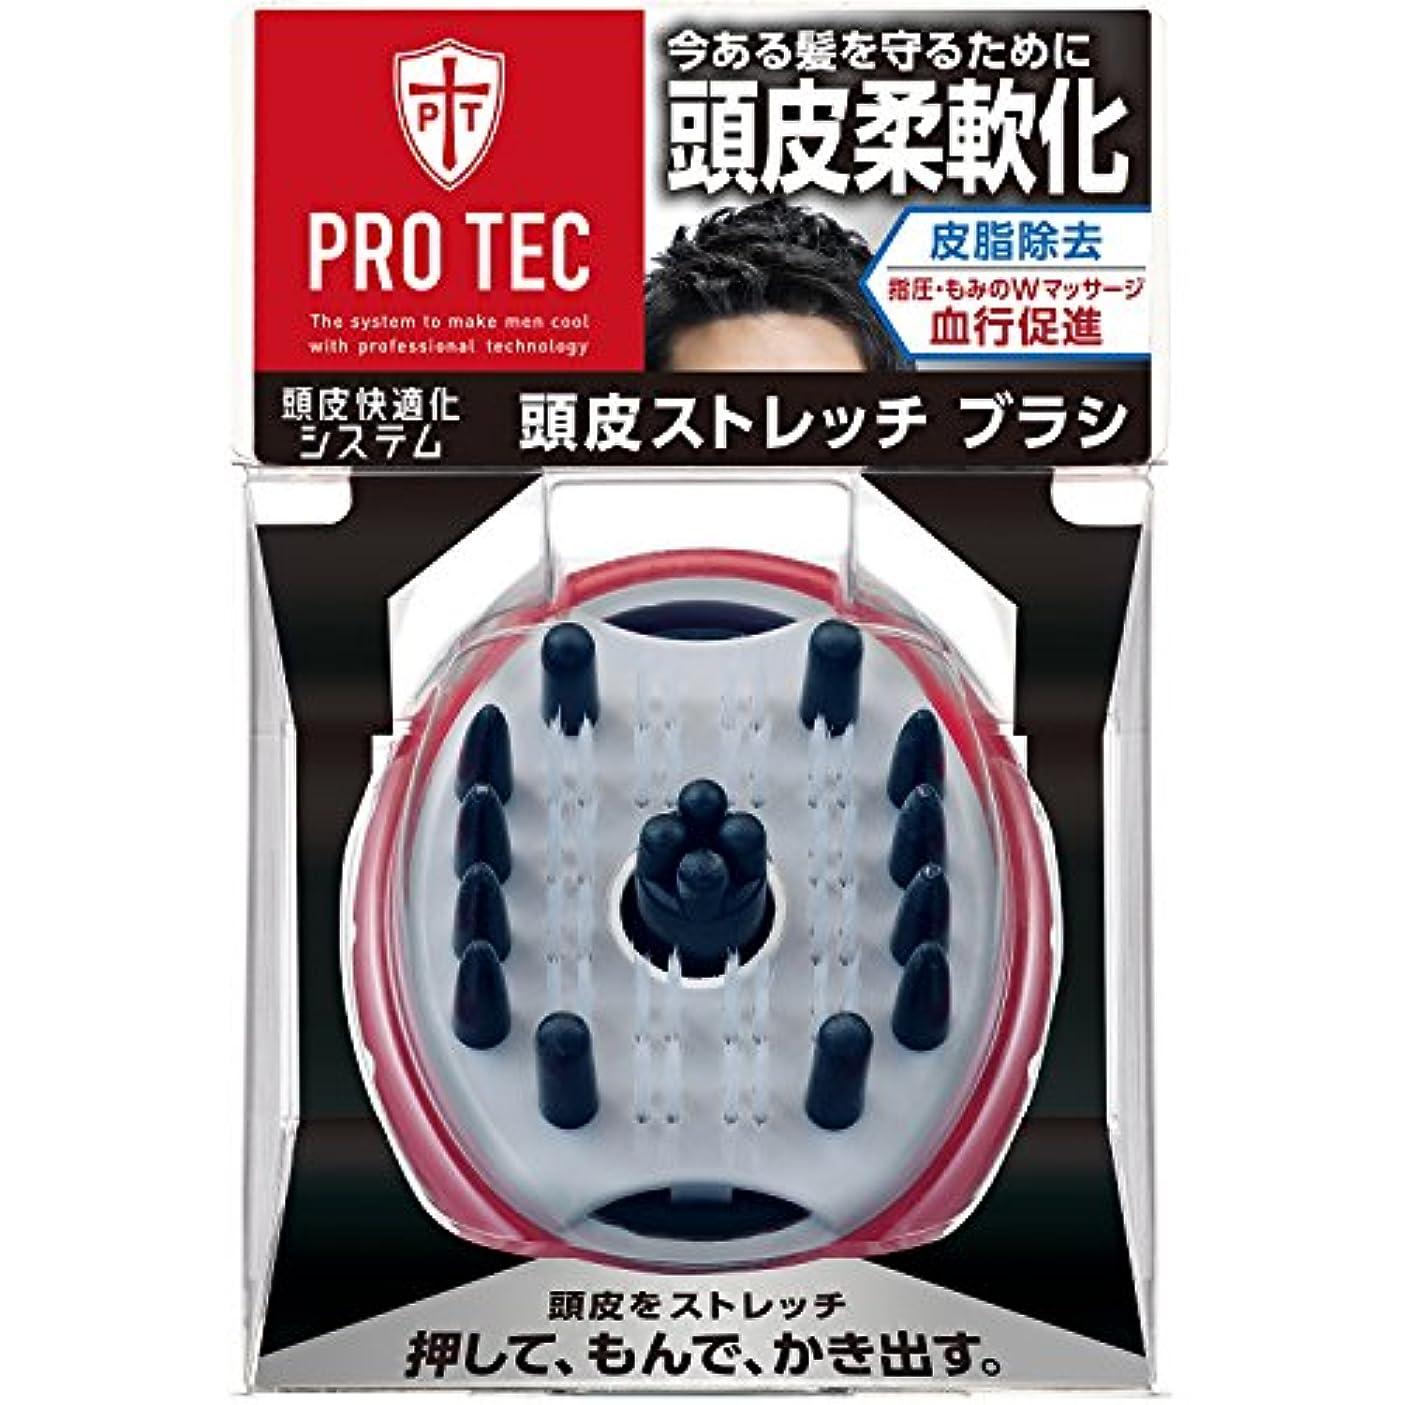 低い法廷抑制PRO TEC(プロテク) ウォッシングブラシ 頭皮ストレッチタイプ